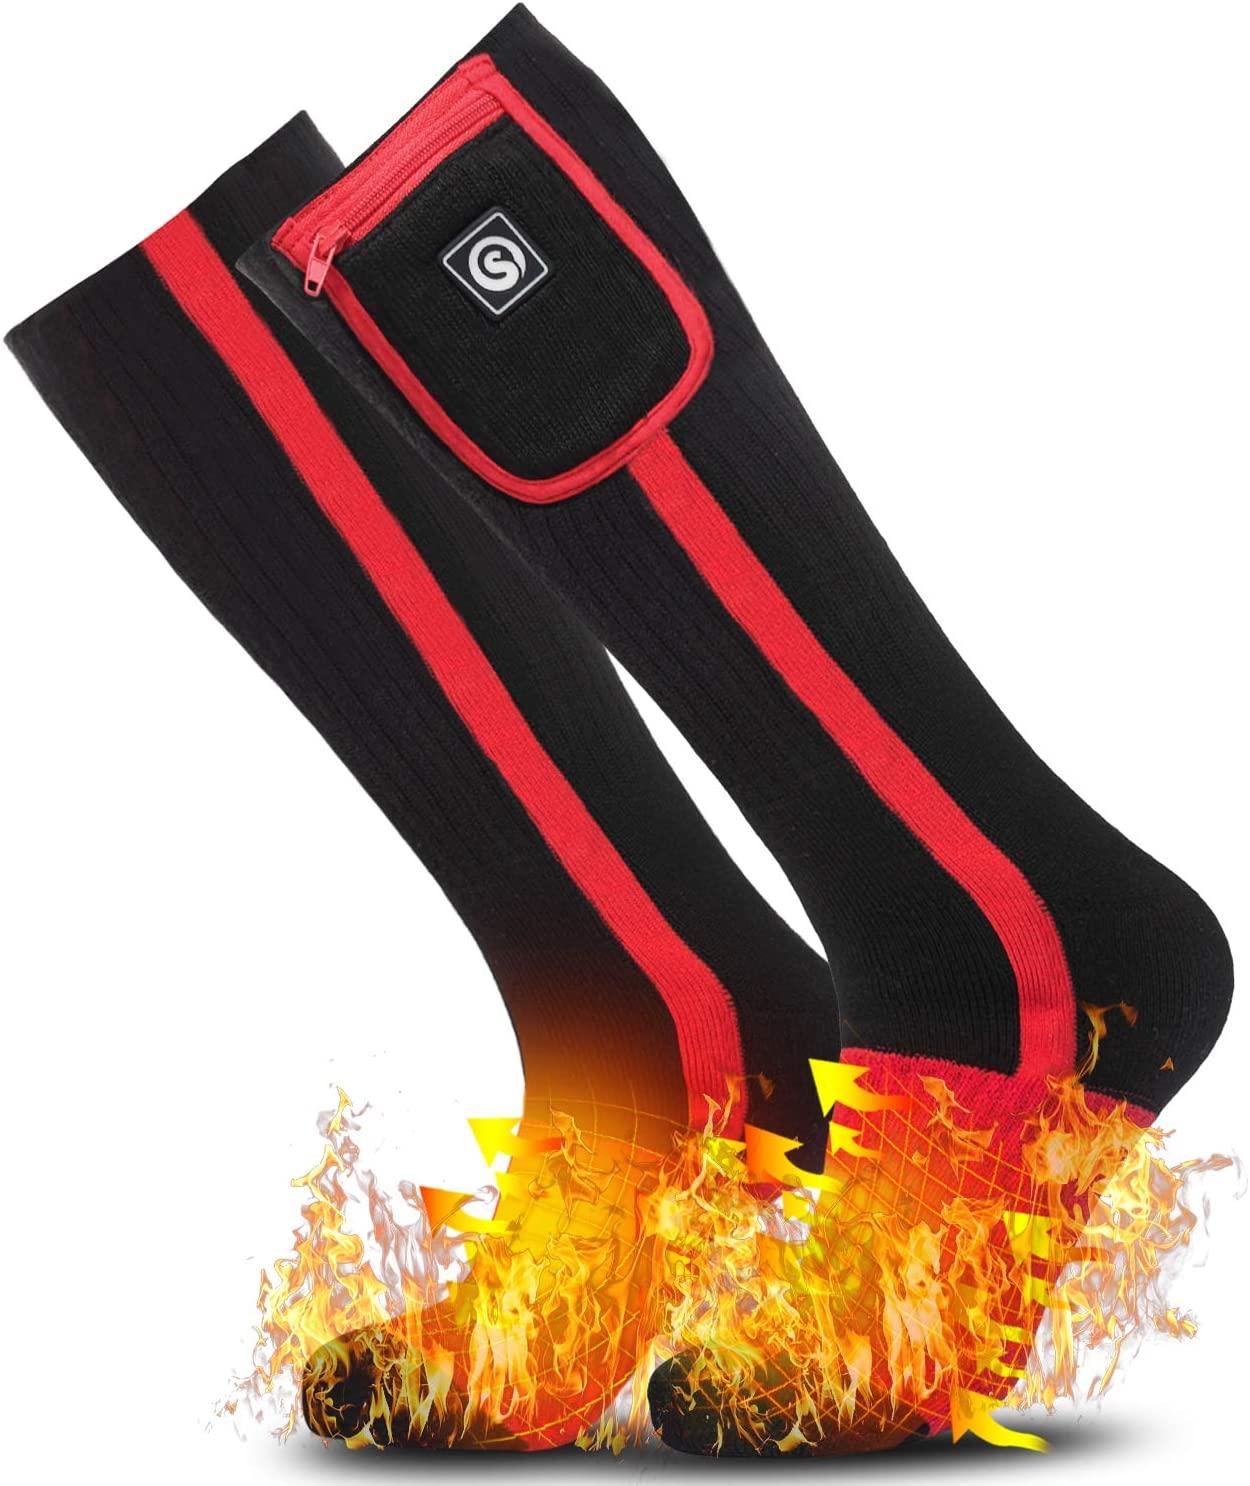 Bezdoteku Vyhřívané ponožky podkolenky Savior BR černé vel. L